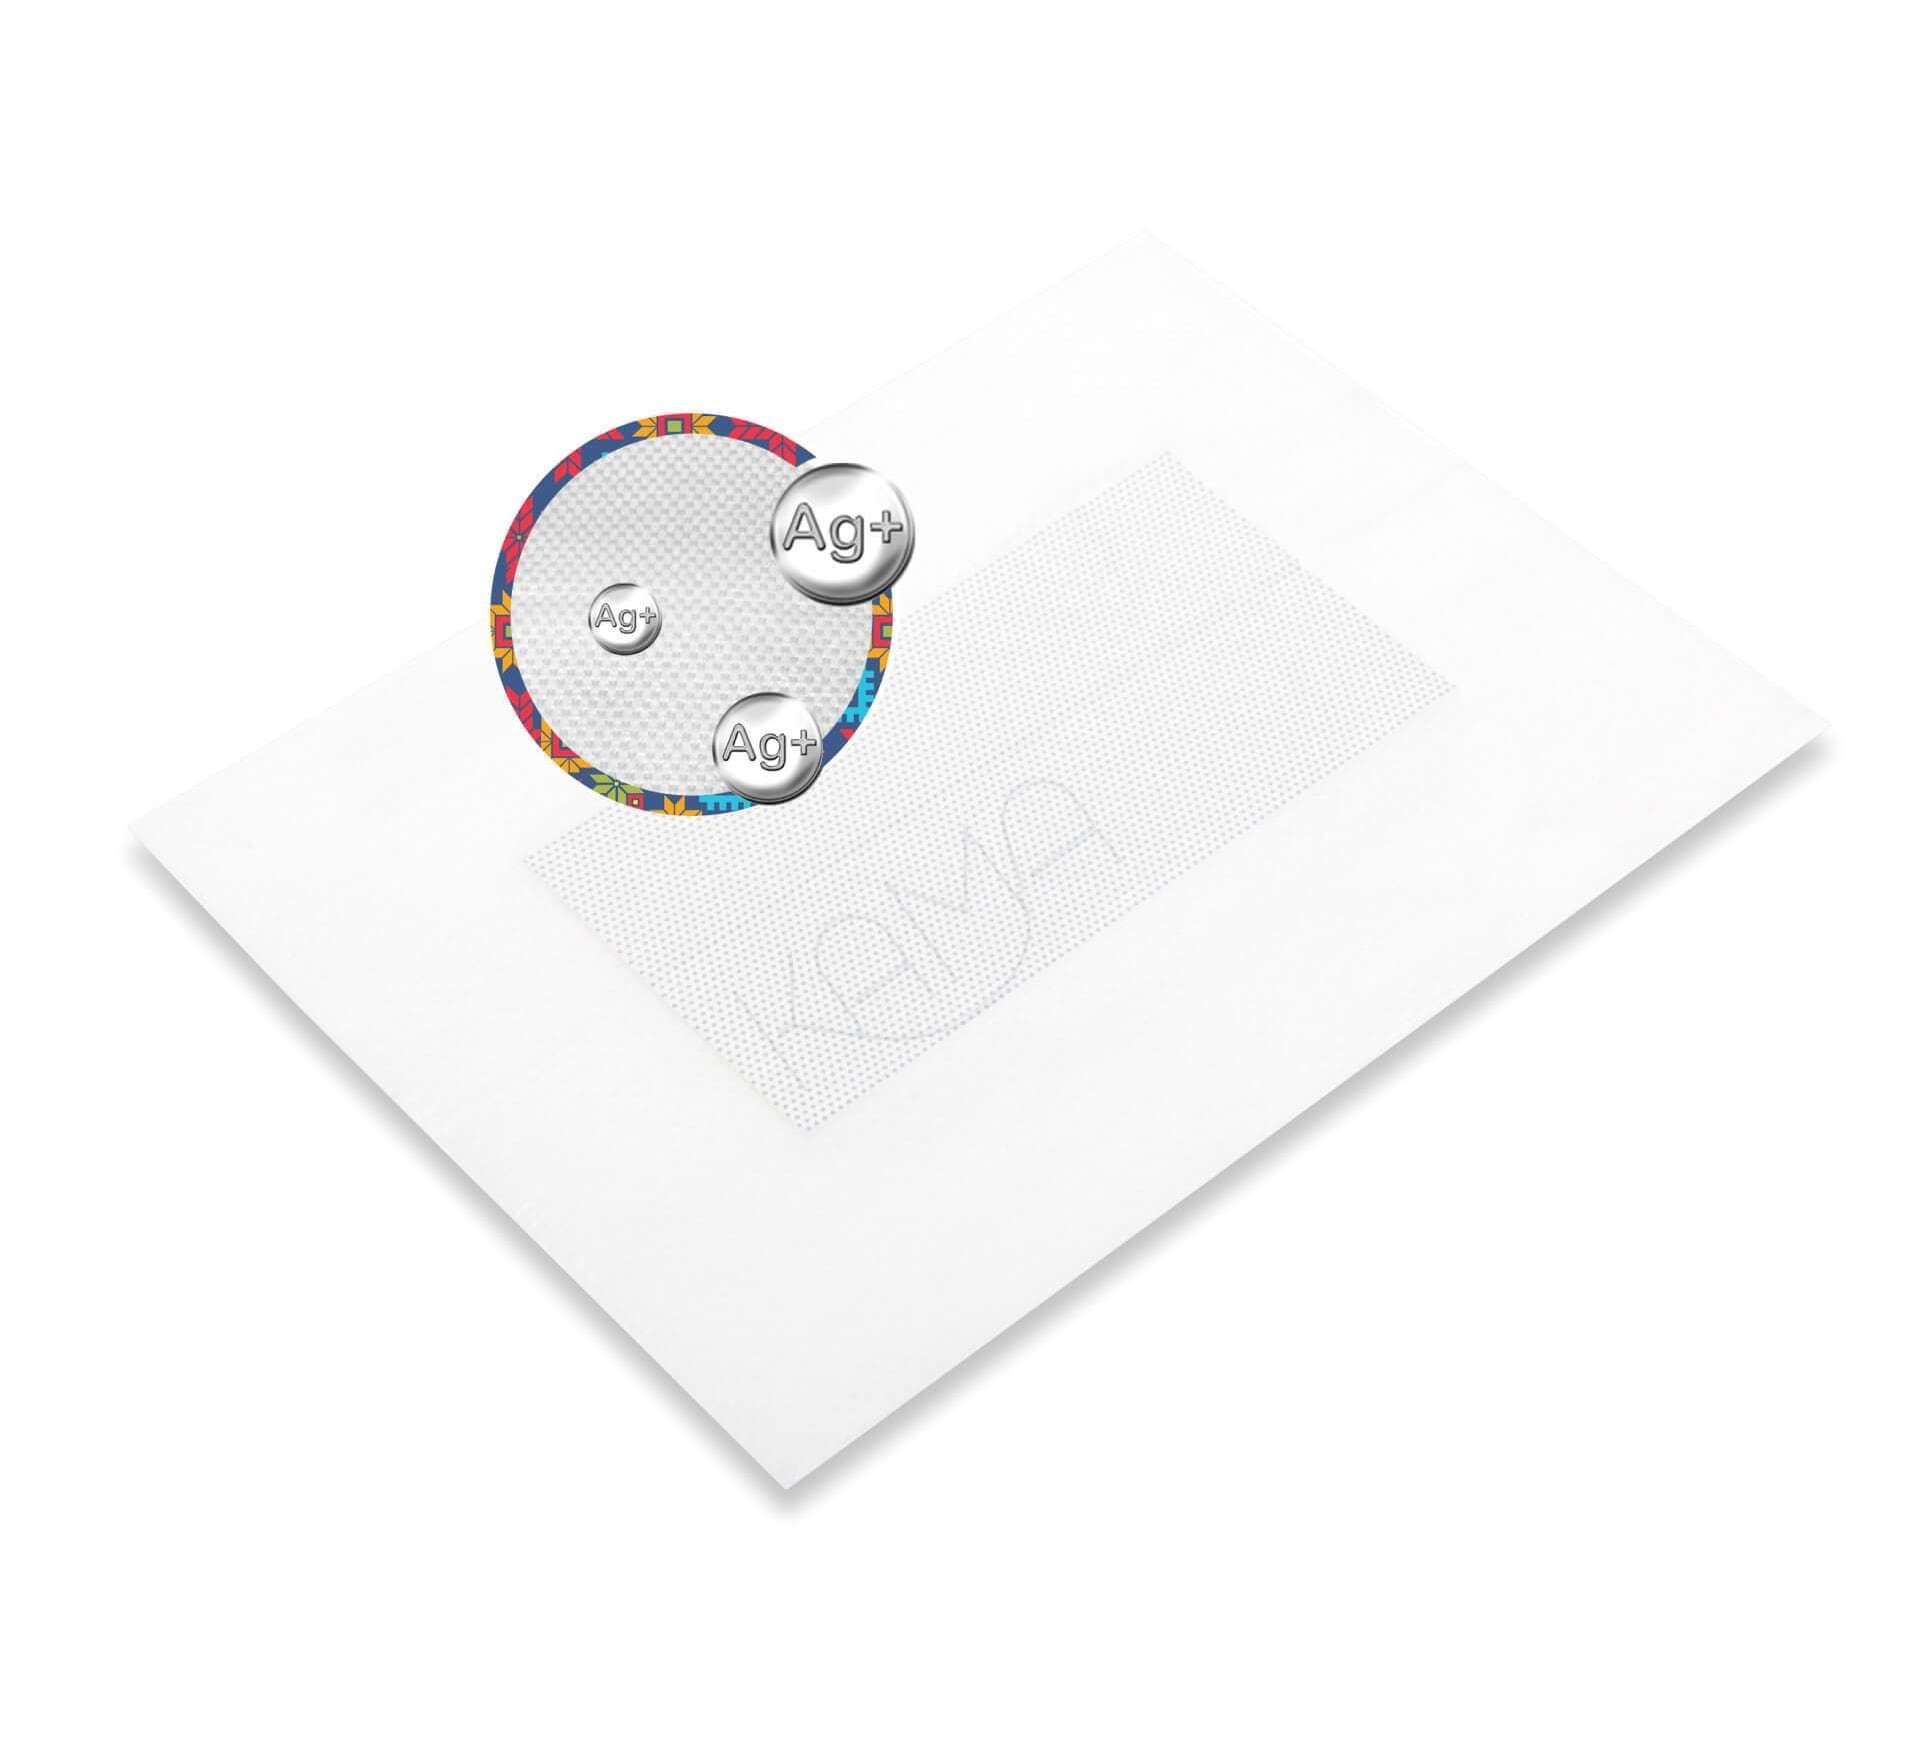 Повязка с серебром послеоперационная пластырная Барьер Аг 10x10 см